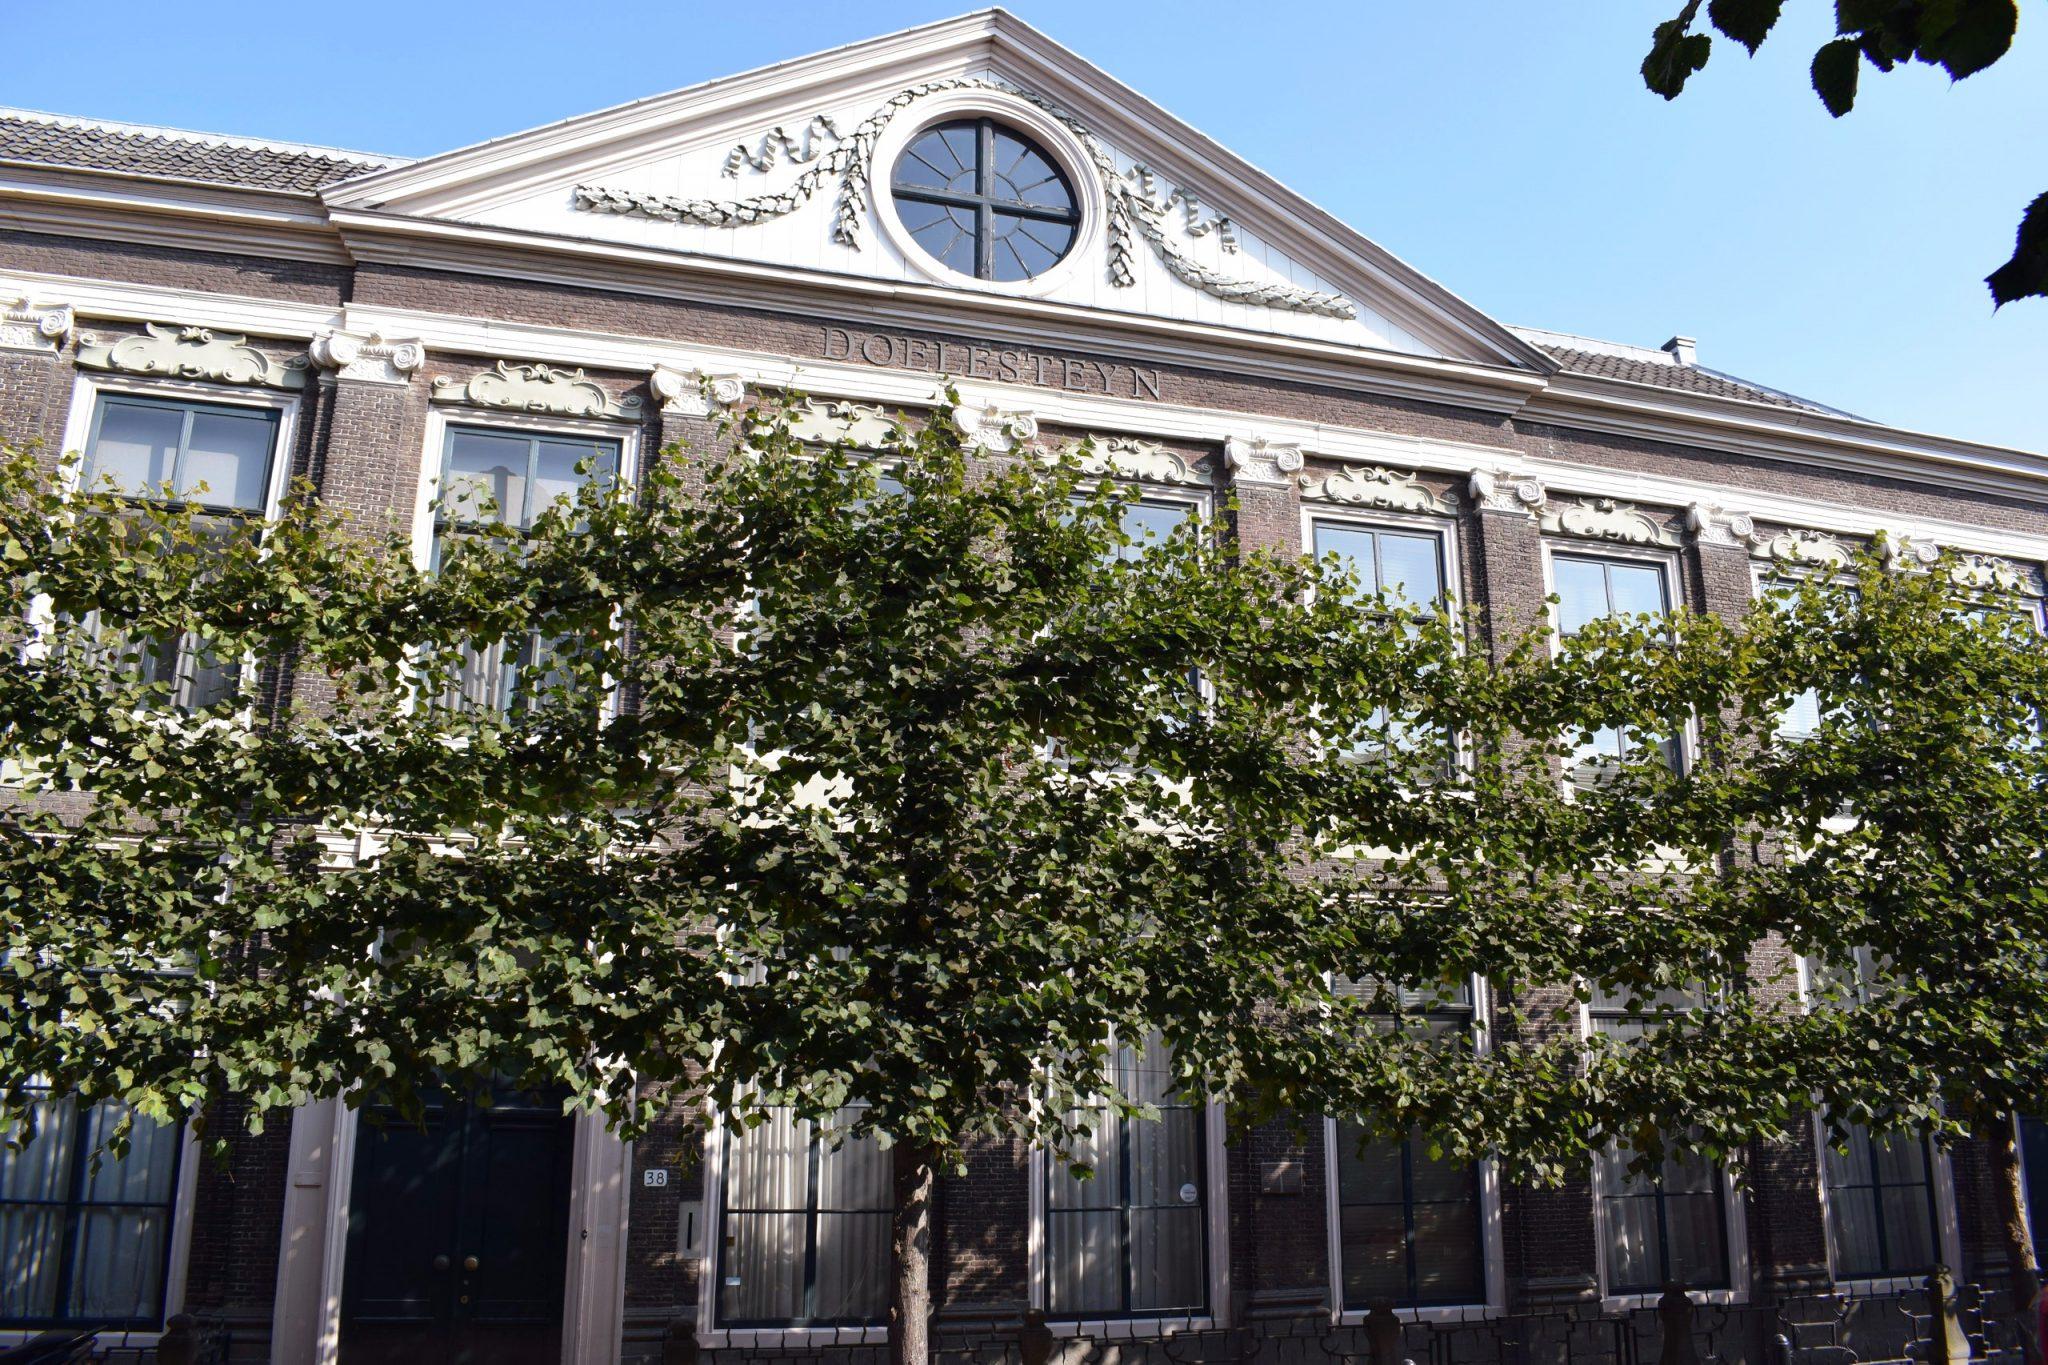 Sinterklaashuis Dordrecht Doelesteyn